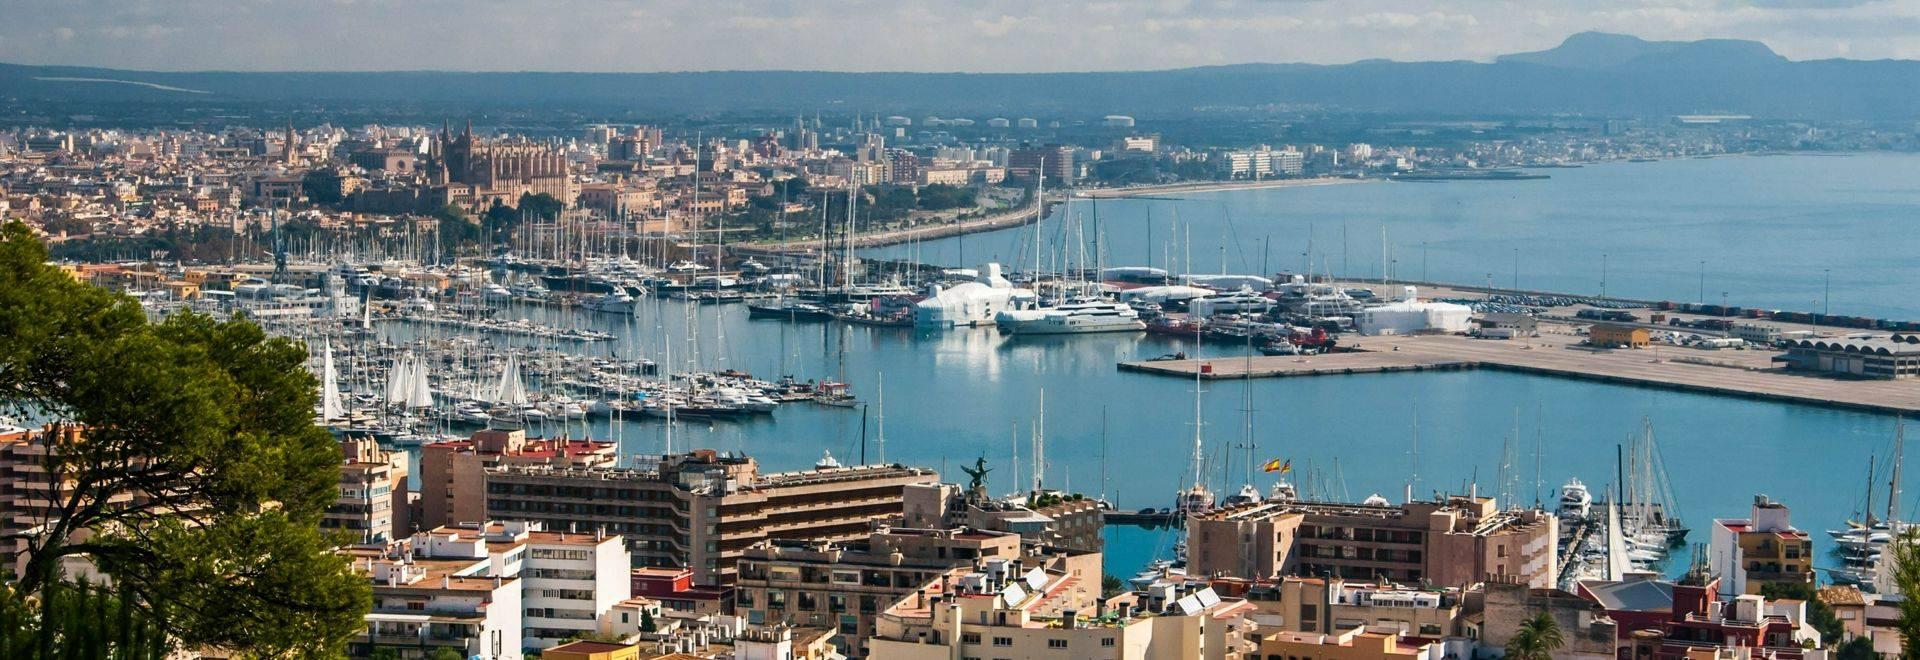 dreamstime_l_29627265 Palma de Majorca.jpg